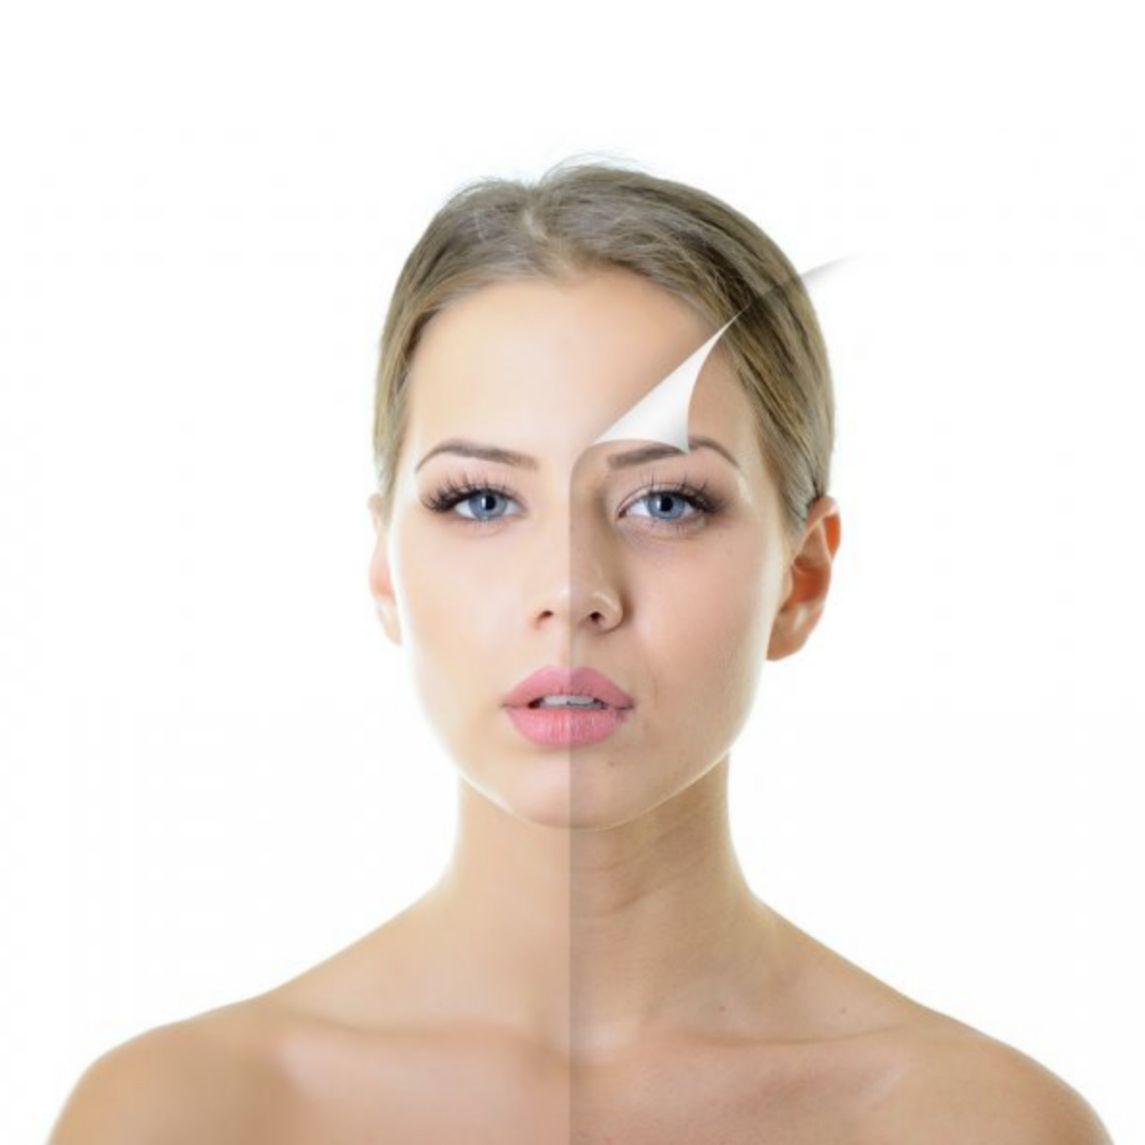 कोरड्या(ड्राय)त्वचेसाठी घरगुती उपाय- 8 Dry Skin Care Tips In Marathi,cream ,Beauty tips for dry skin: Dry skin,Quick Skin Care Tips for Dry Skin